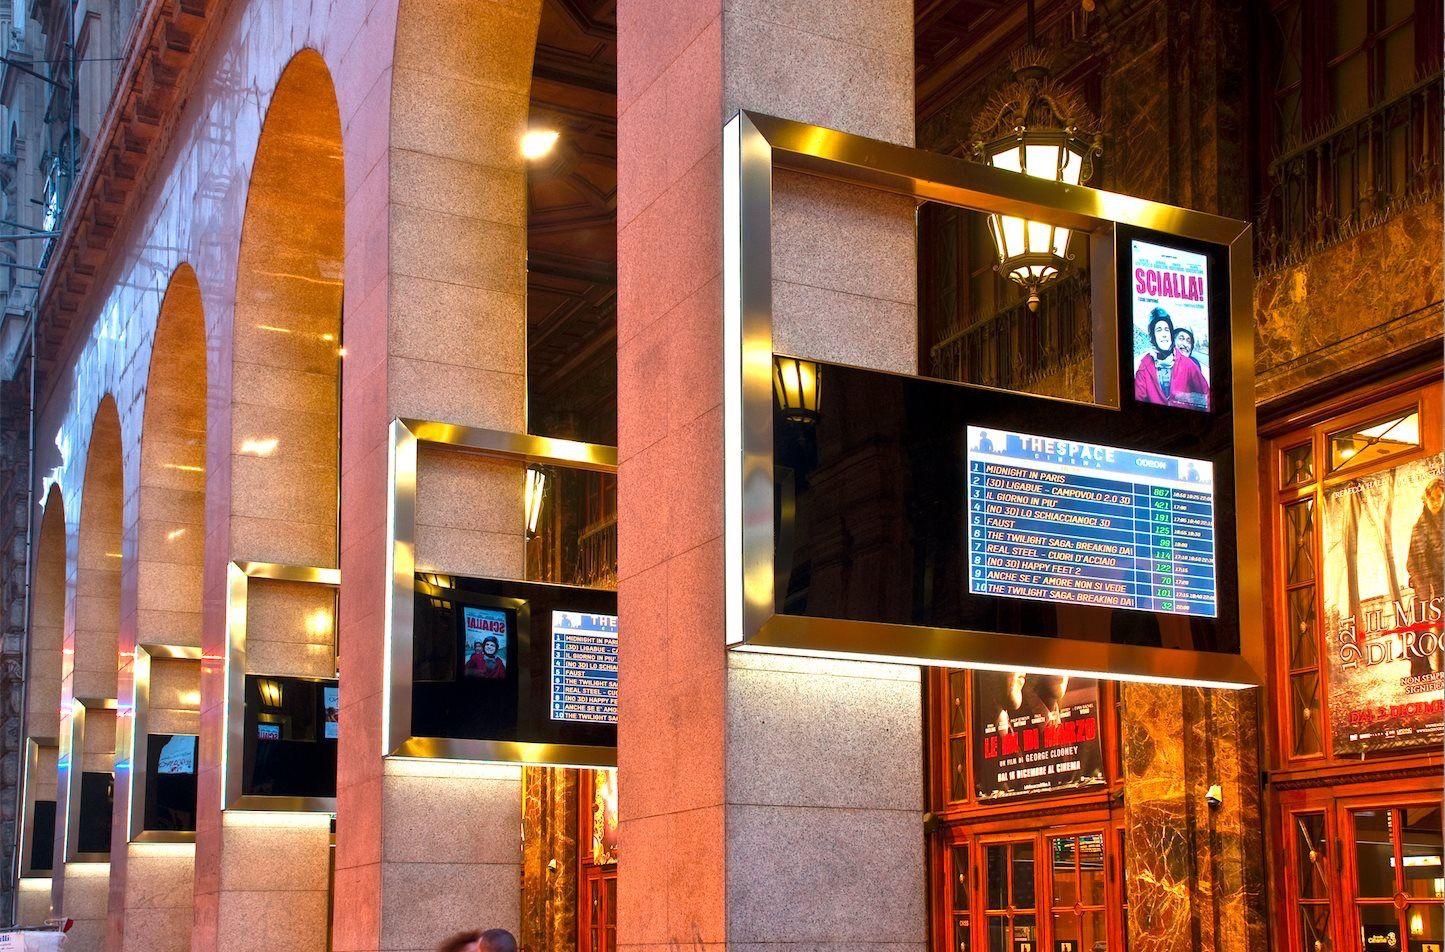 schermi digitali, digital signage, schermi a led